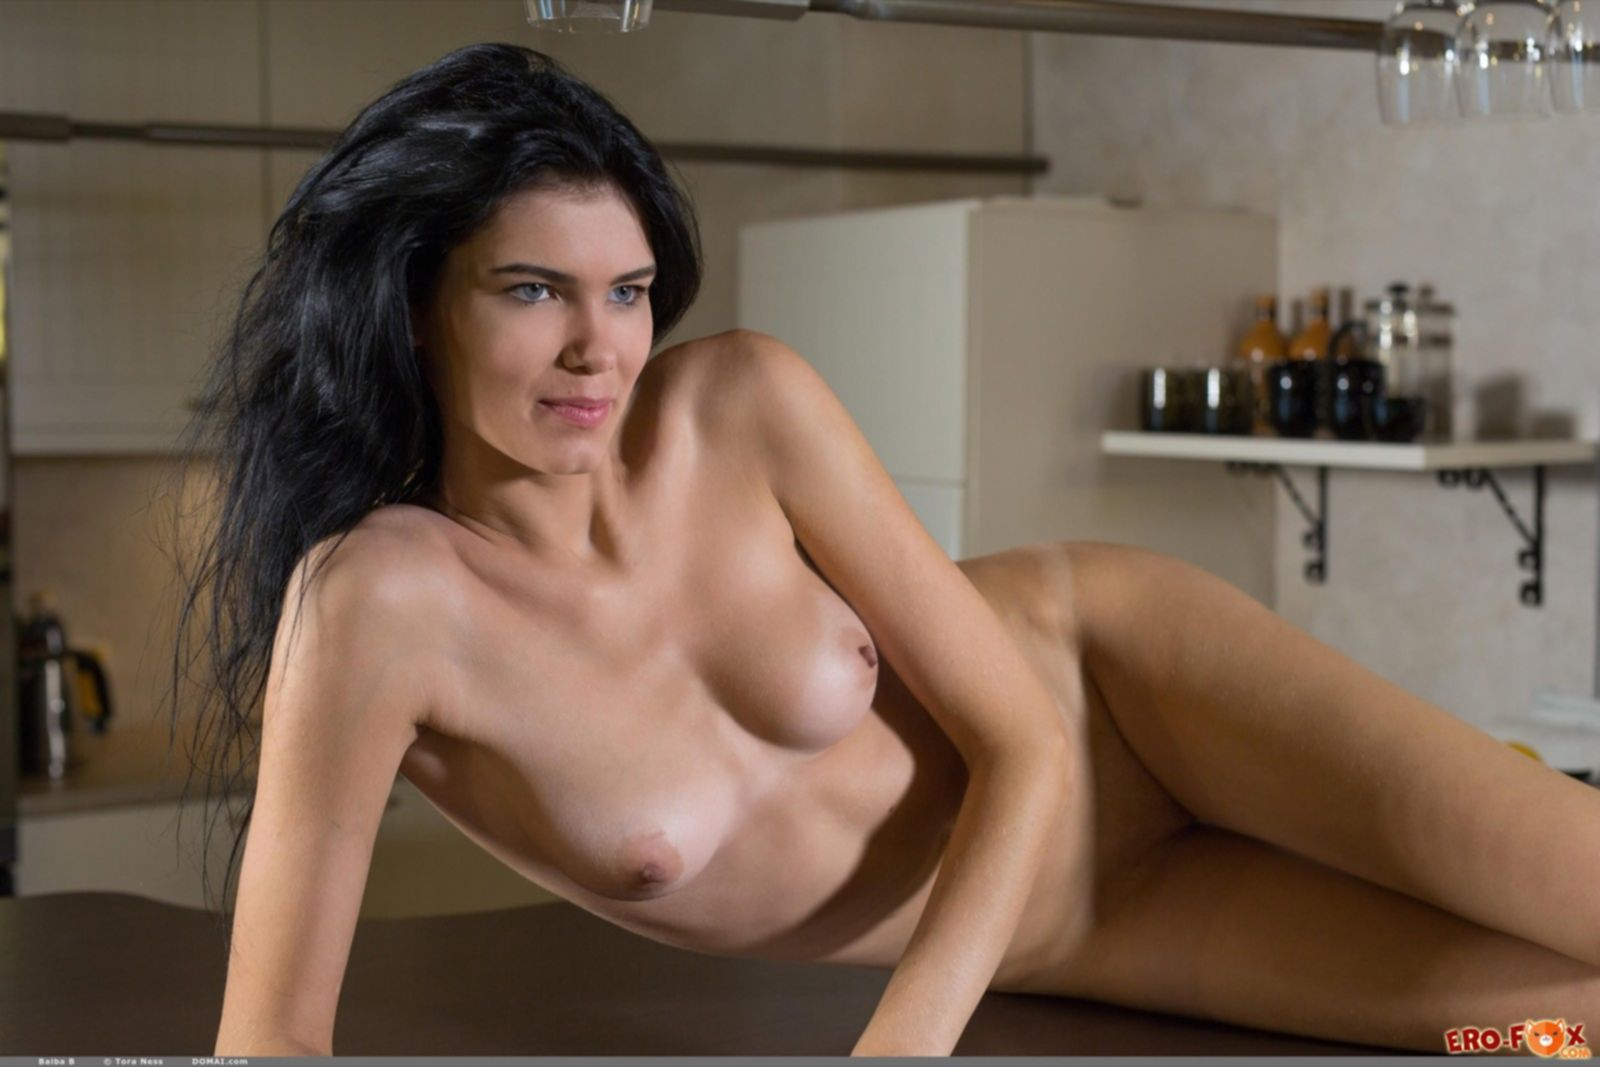 Высокая брюнетка голая позирует на кухне - фото